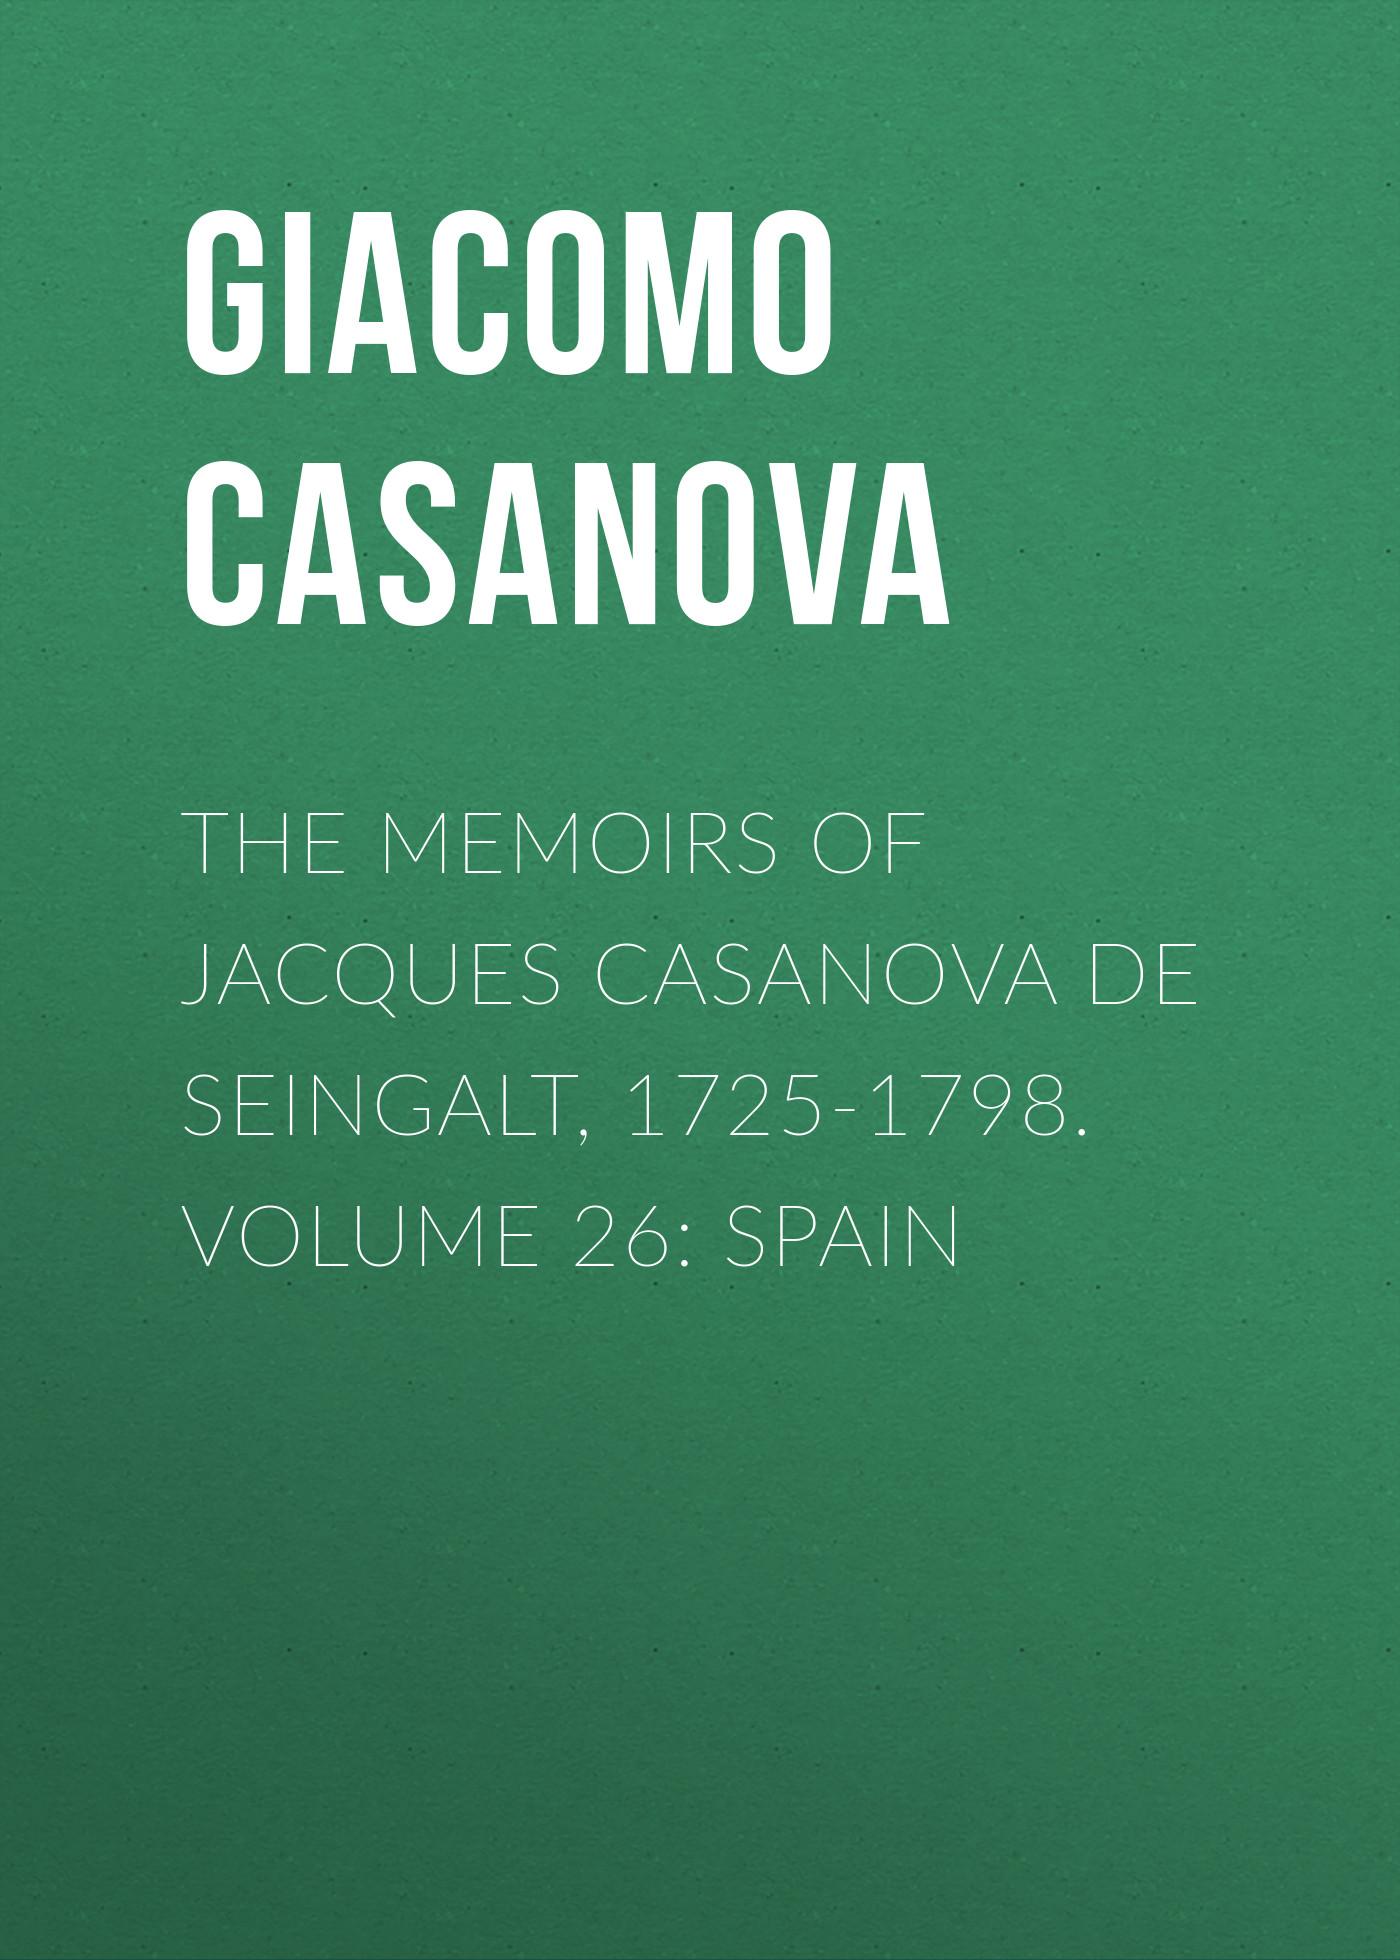 Giacomo Casanova The Memoirs of Jacques Casanova de Seingalt, 1725-1798. Volume 26: Spain giacomo casanova the memoirs of jacques casanova de seingalt 1725 1798 volume 22 to london